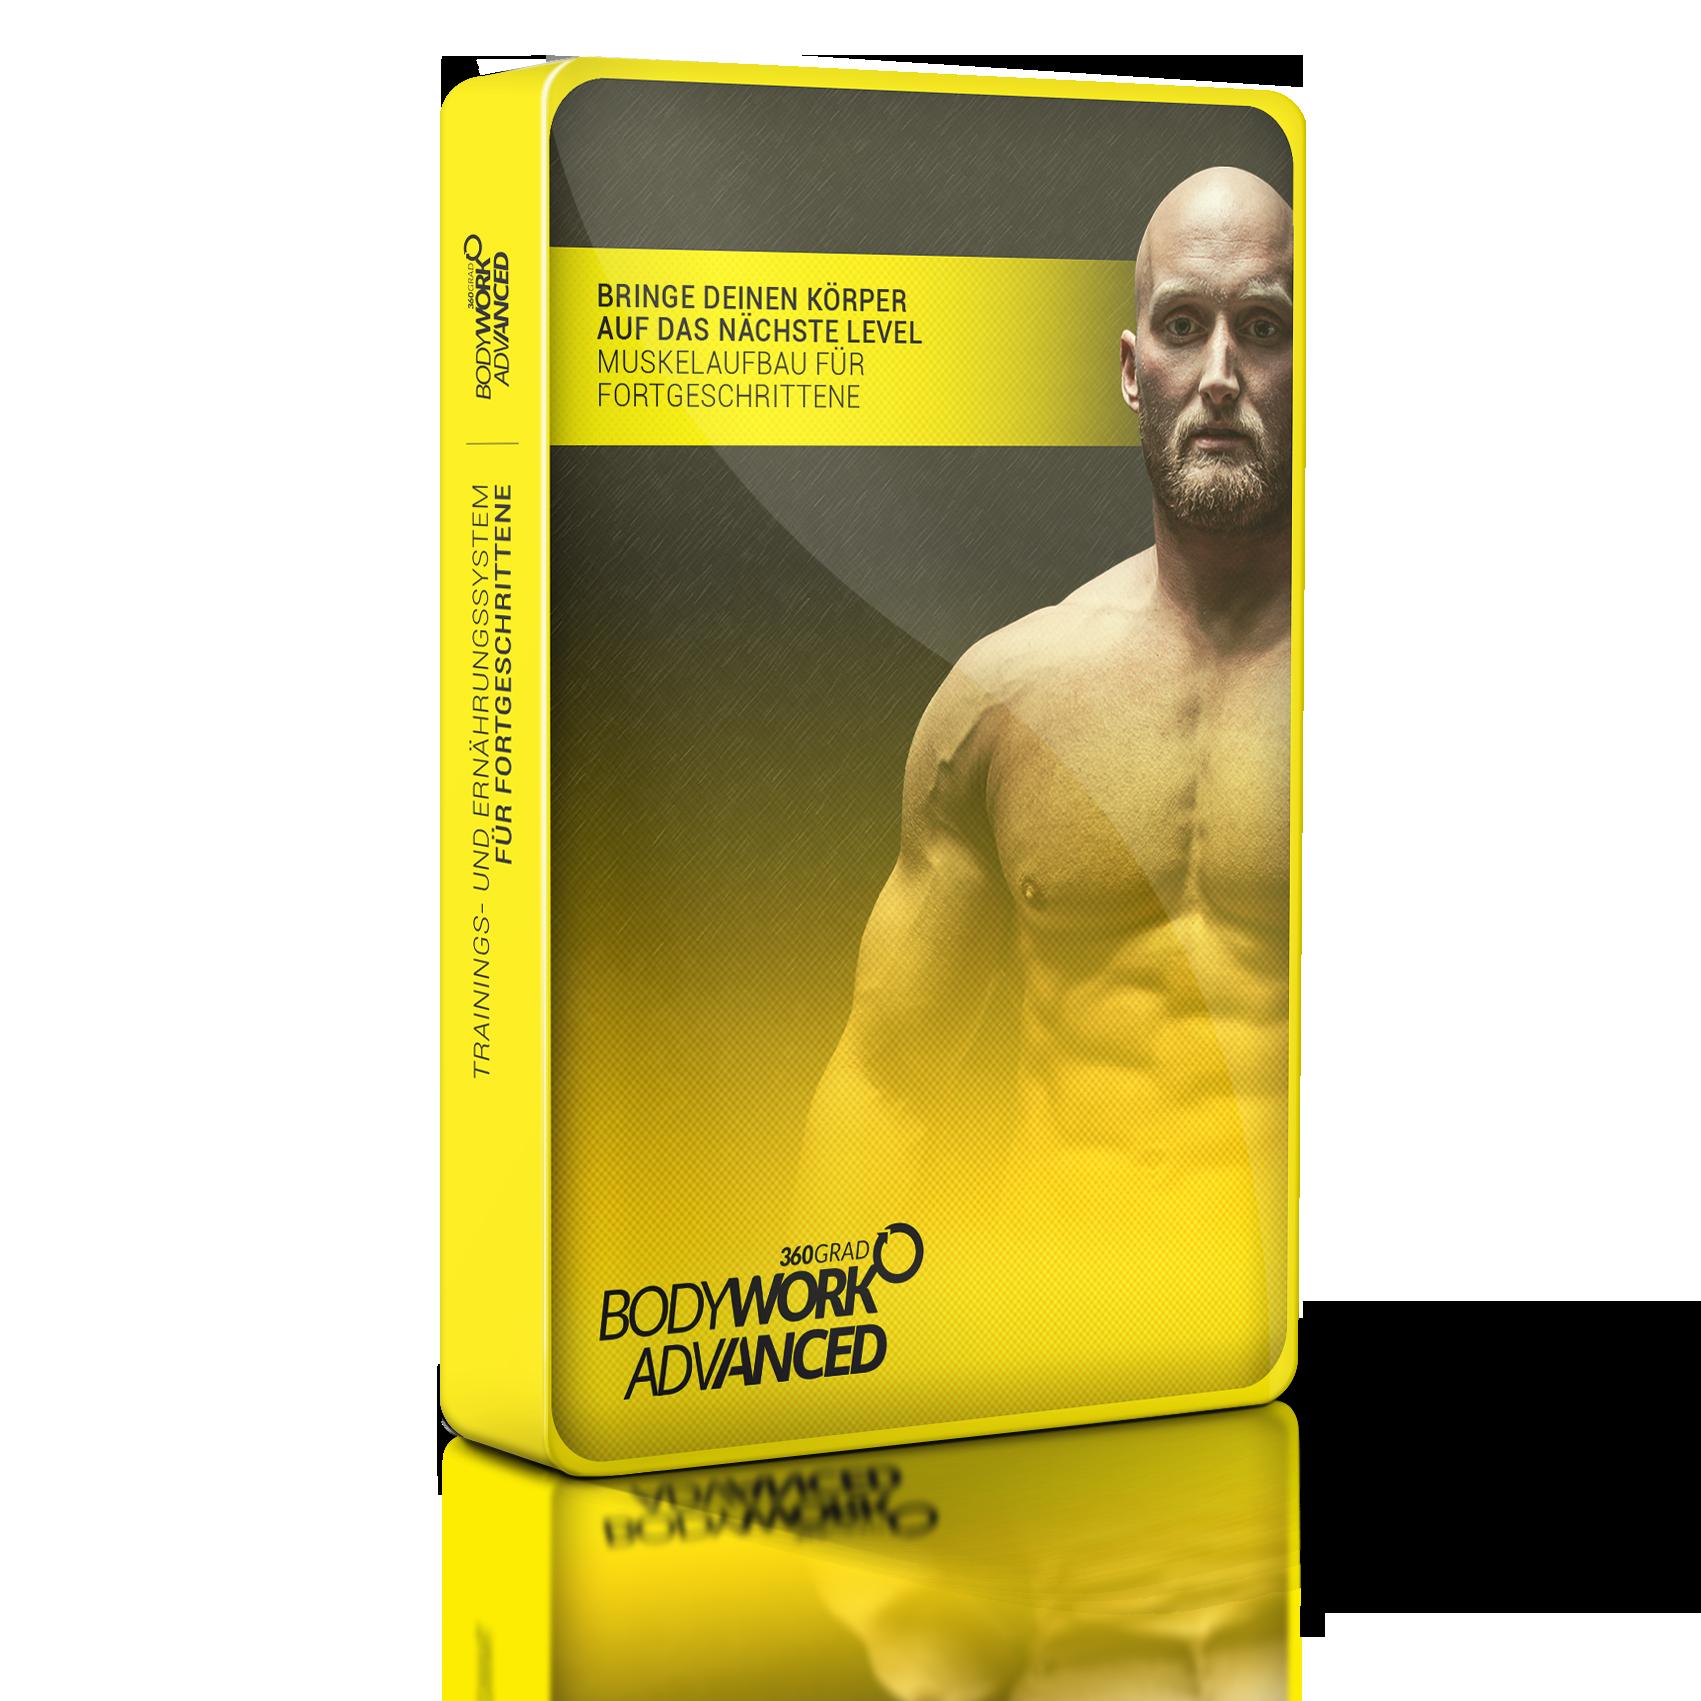 Bodywork360 ADVANCED - Lebenslanger Zugriff